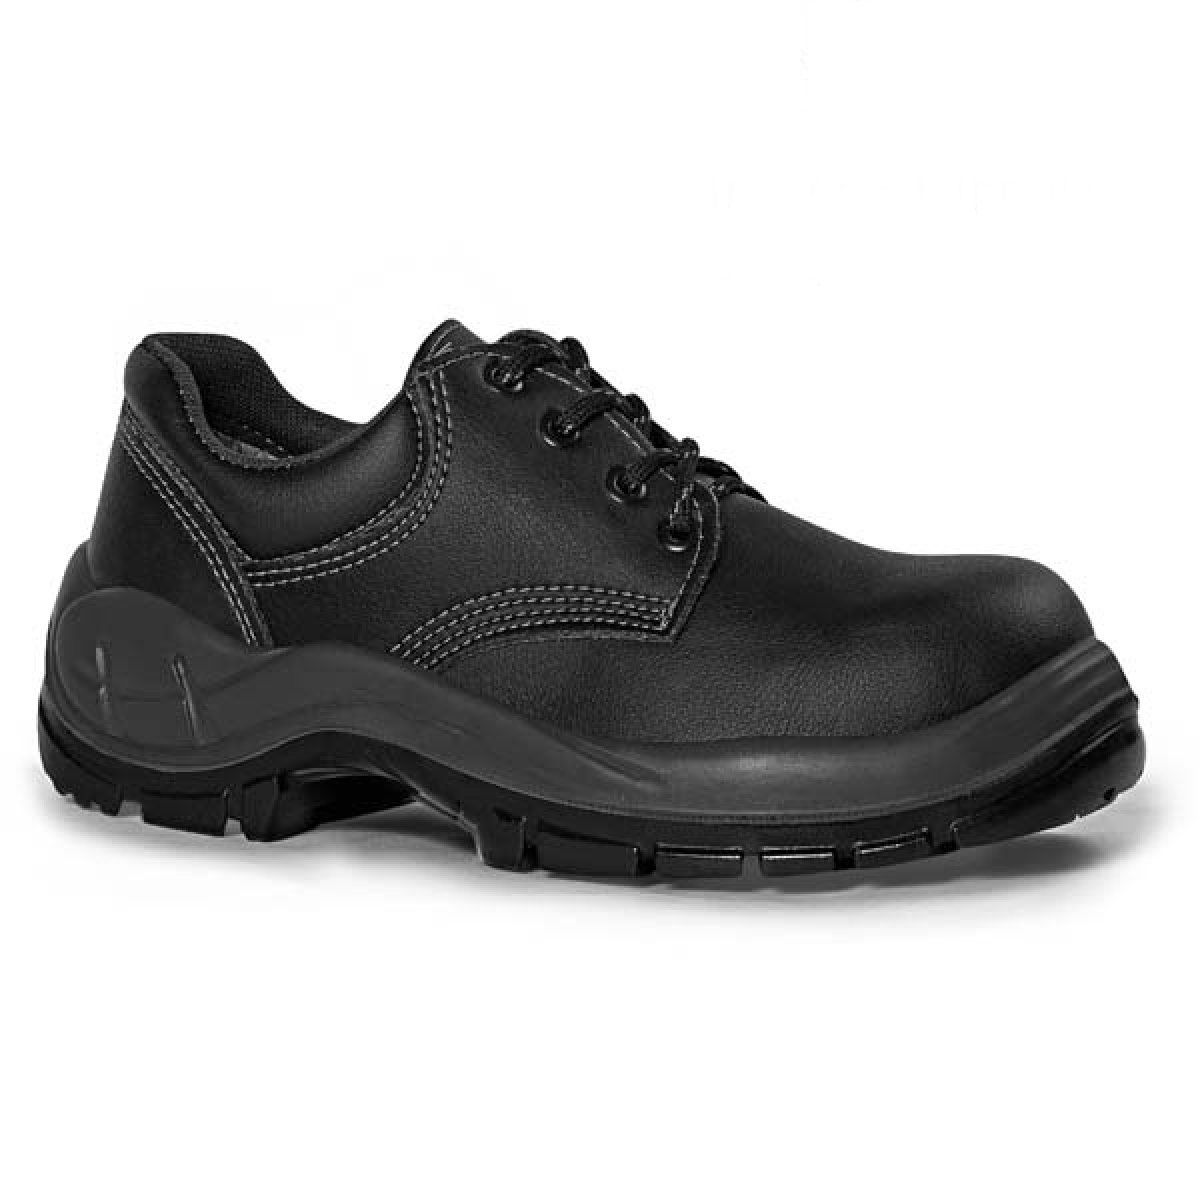 Sapato c/ Cadarço Bidensidade s/ Bico de Aço Preto N°41 - BRACOL